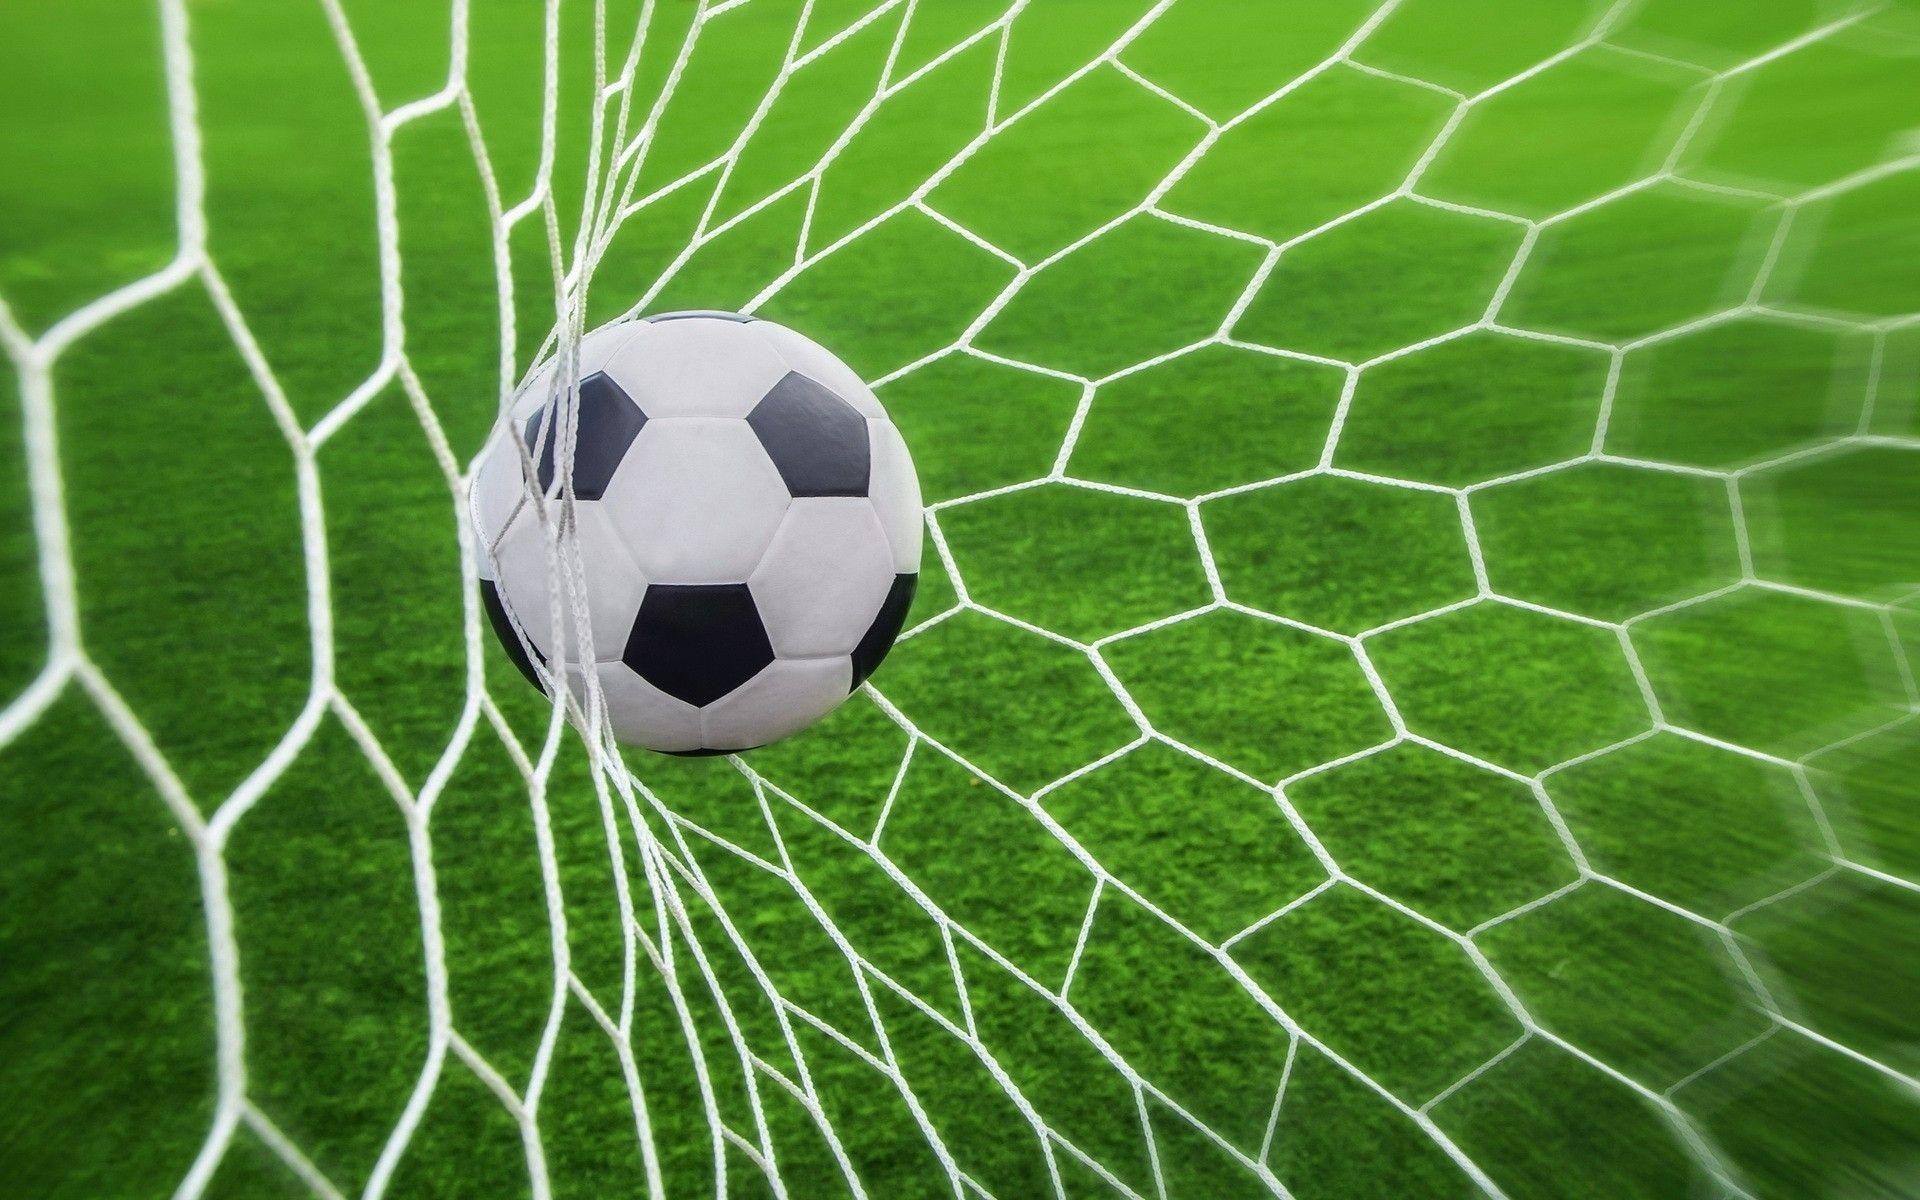 Команда Игоря Гамаонова лидирует по итогам первого круга чемпионата России по футболу среди ампутантов